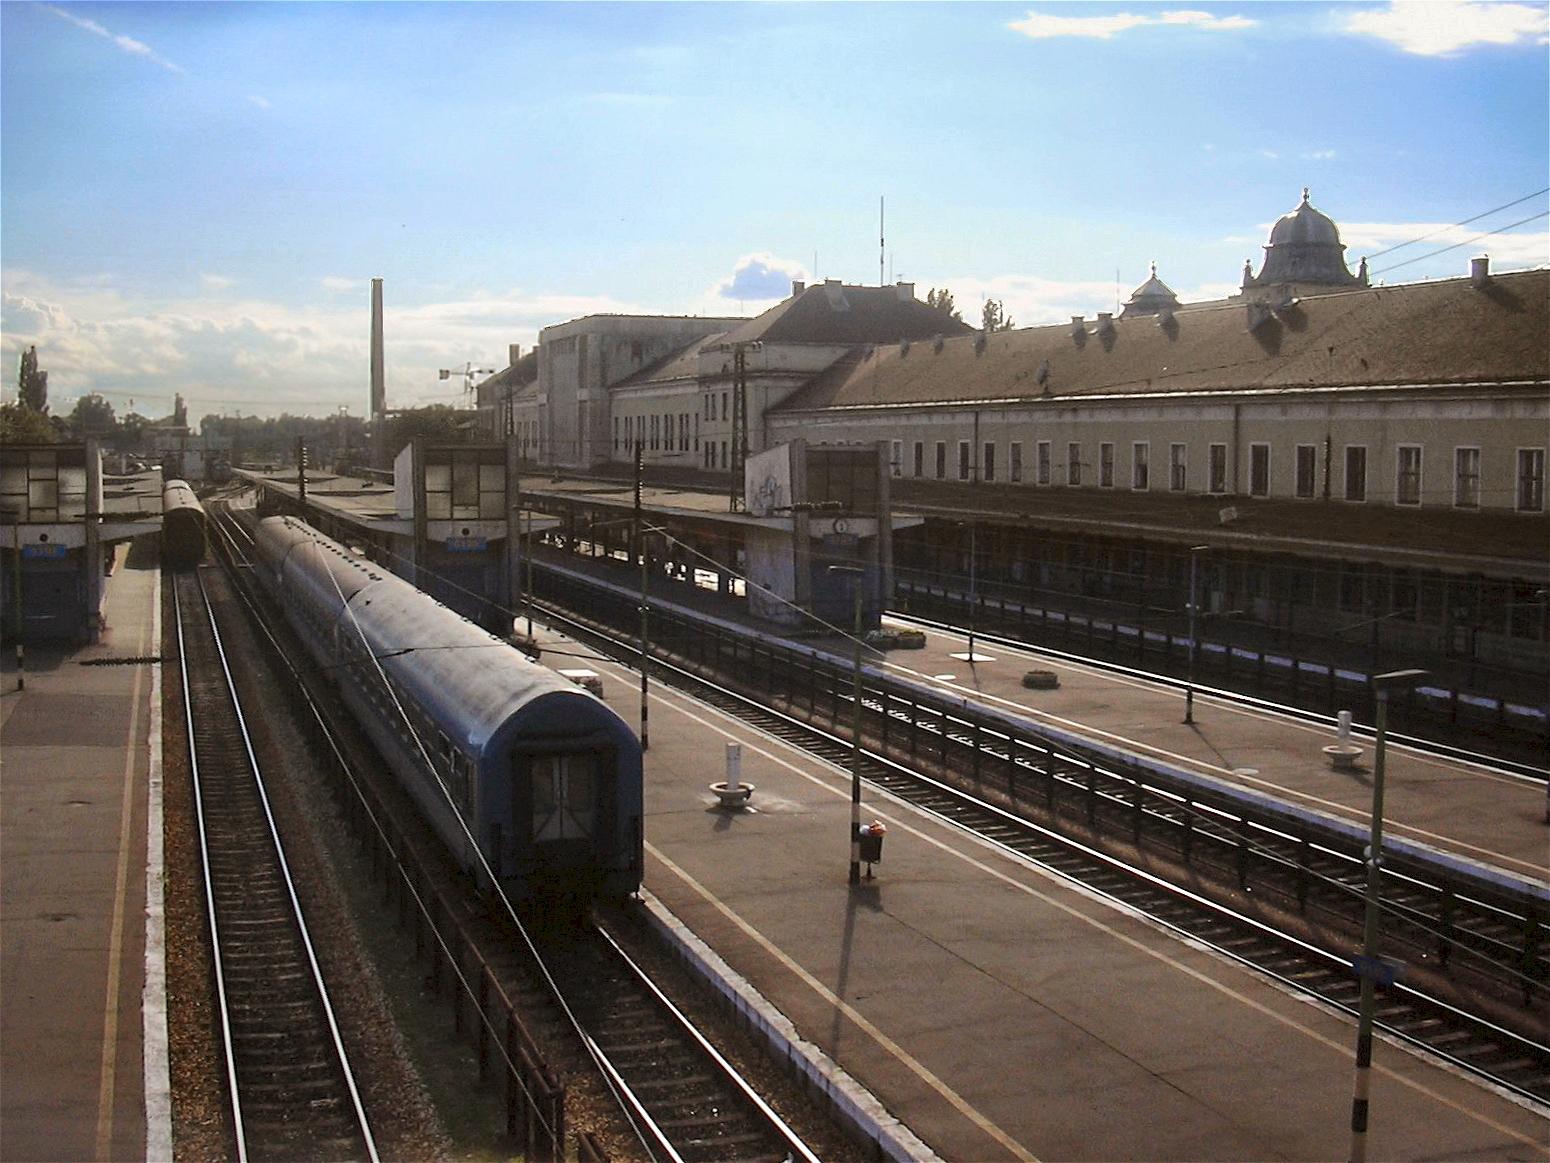 File:Győr vasútállomás.JPG - Wikimedia Commons